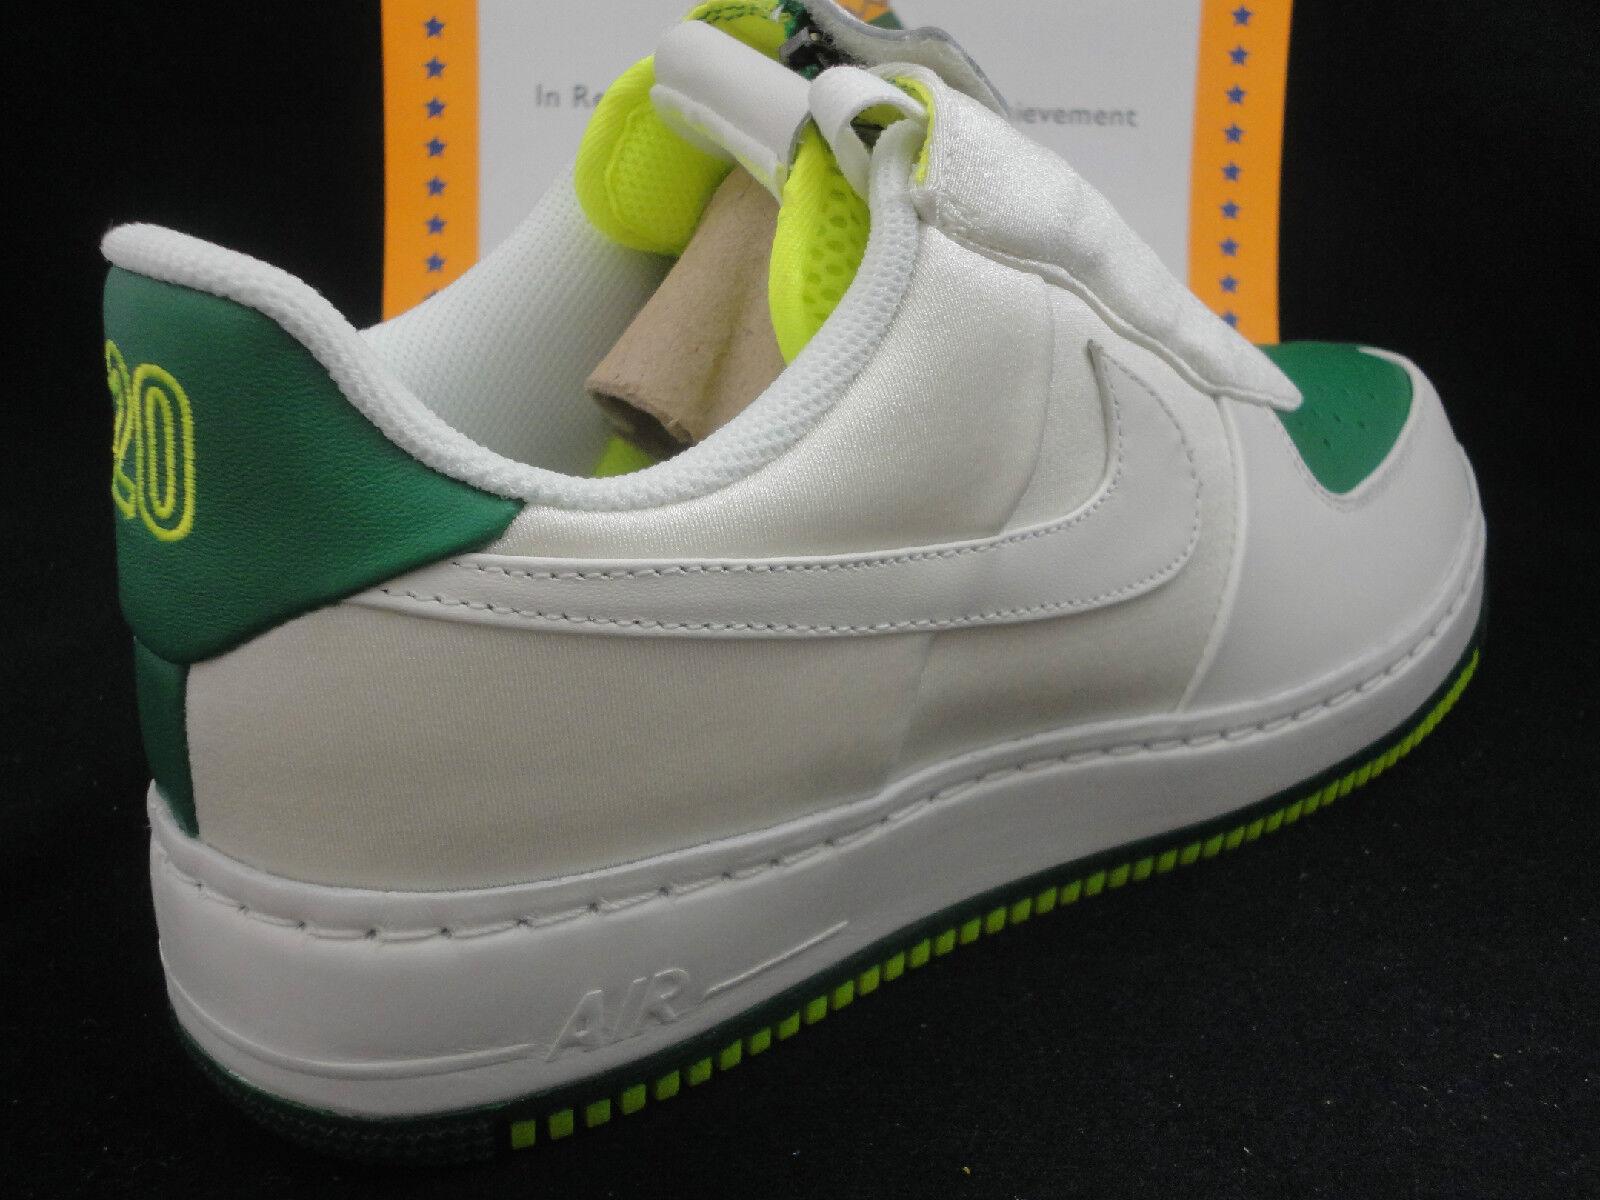 Nike air force 1 niedrig cmft lw gary - sig, gary lw payton, der handschuh, . 71b5a8